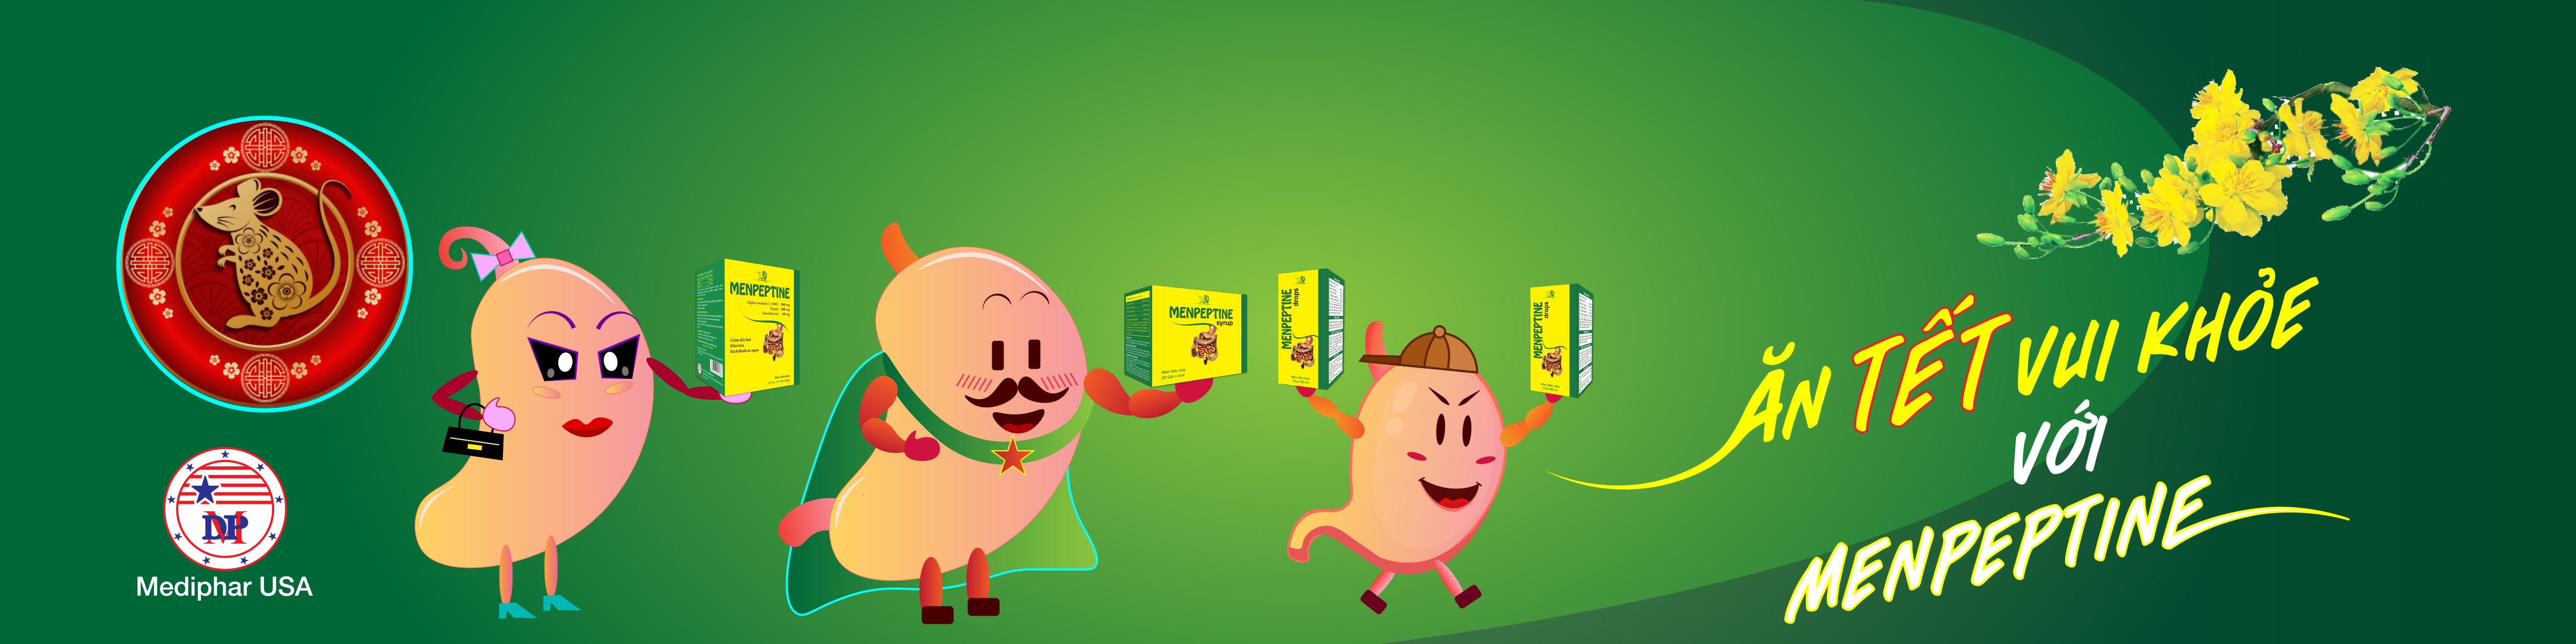 ăn tết vui khỏe với men hỗ trợ tiêu hóa menpeptine